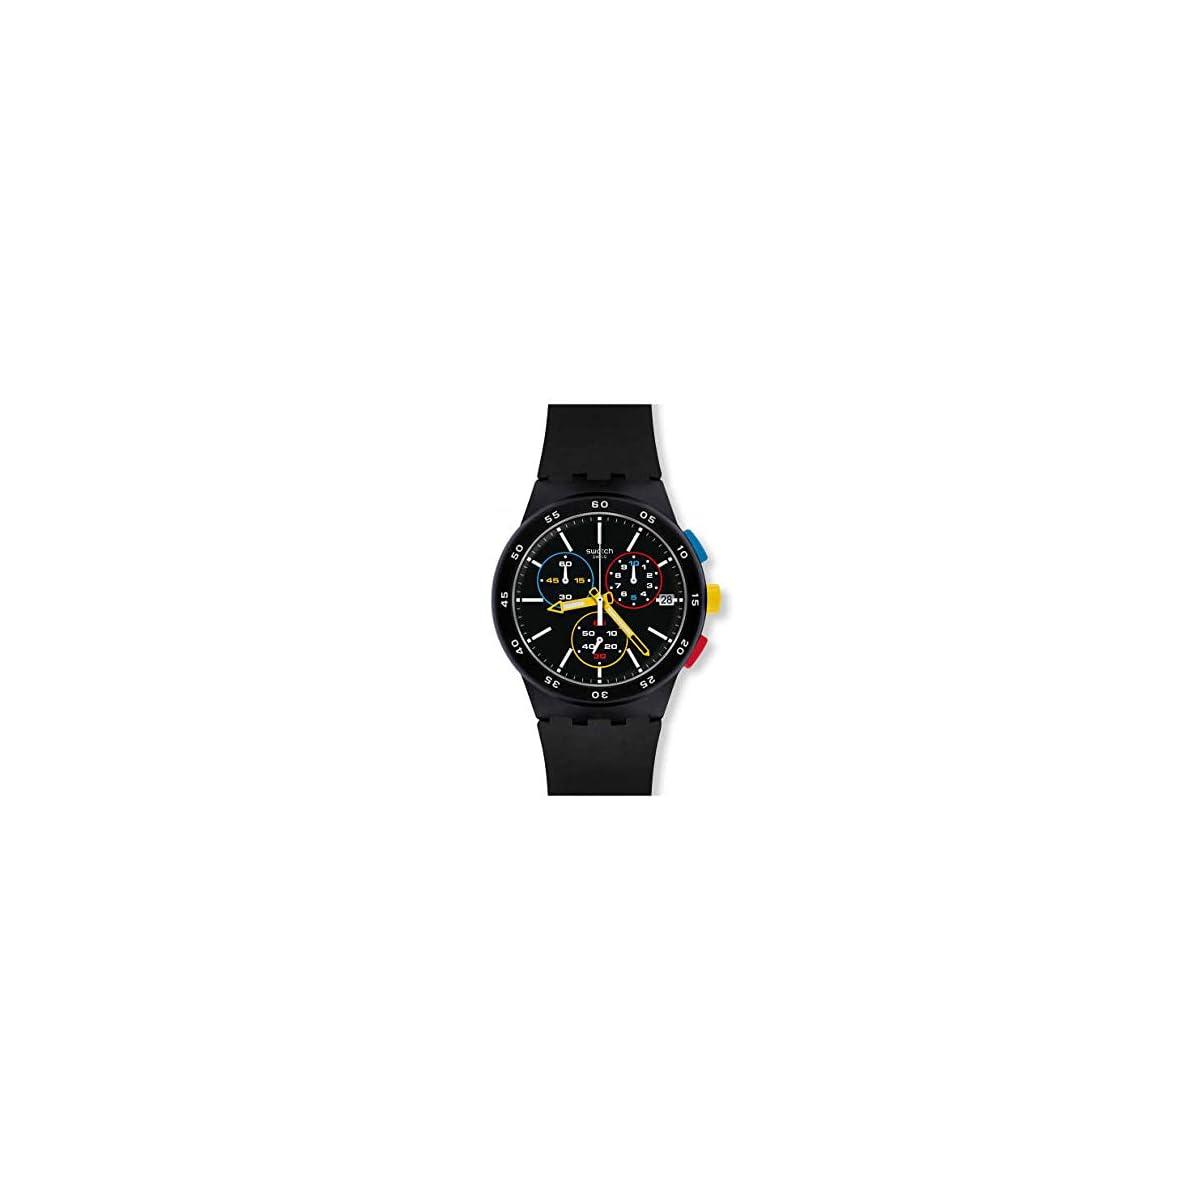 41xnBvWVz0L. SS1200  - Swatch Reloj Cronógrafo para Hombre de Cuarzo con Correa en Silicona SUSB416